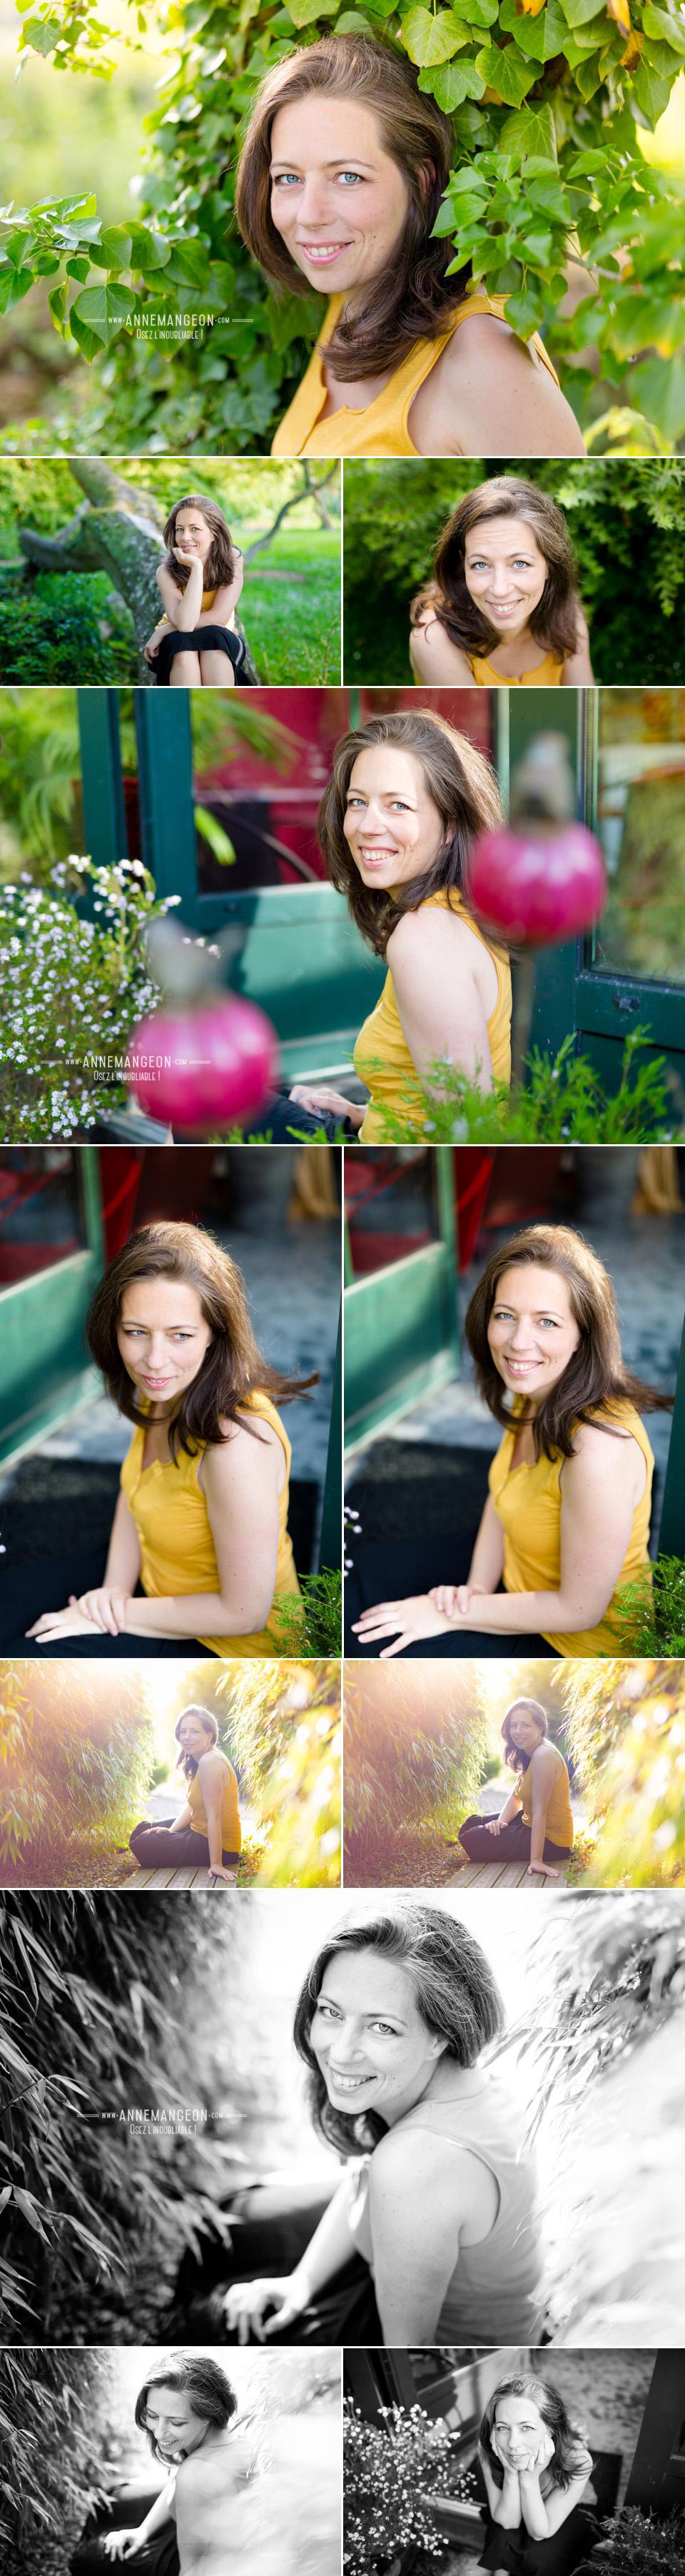 Séance photo portrait de femme Nancy @ Anne Mangeon Photographe_01